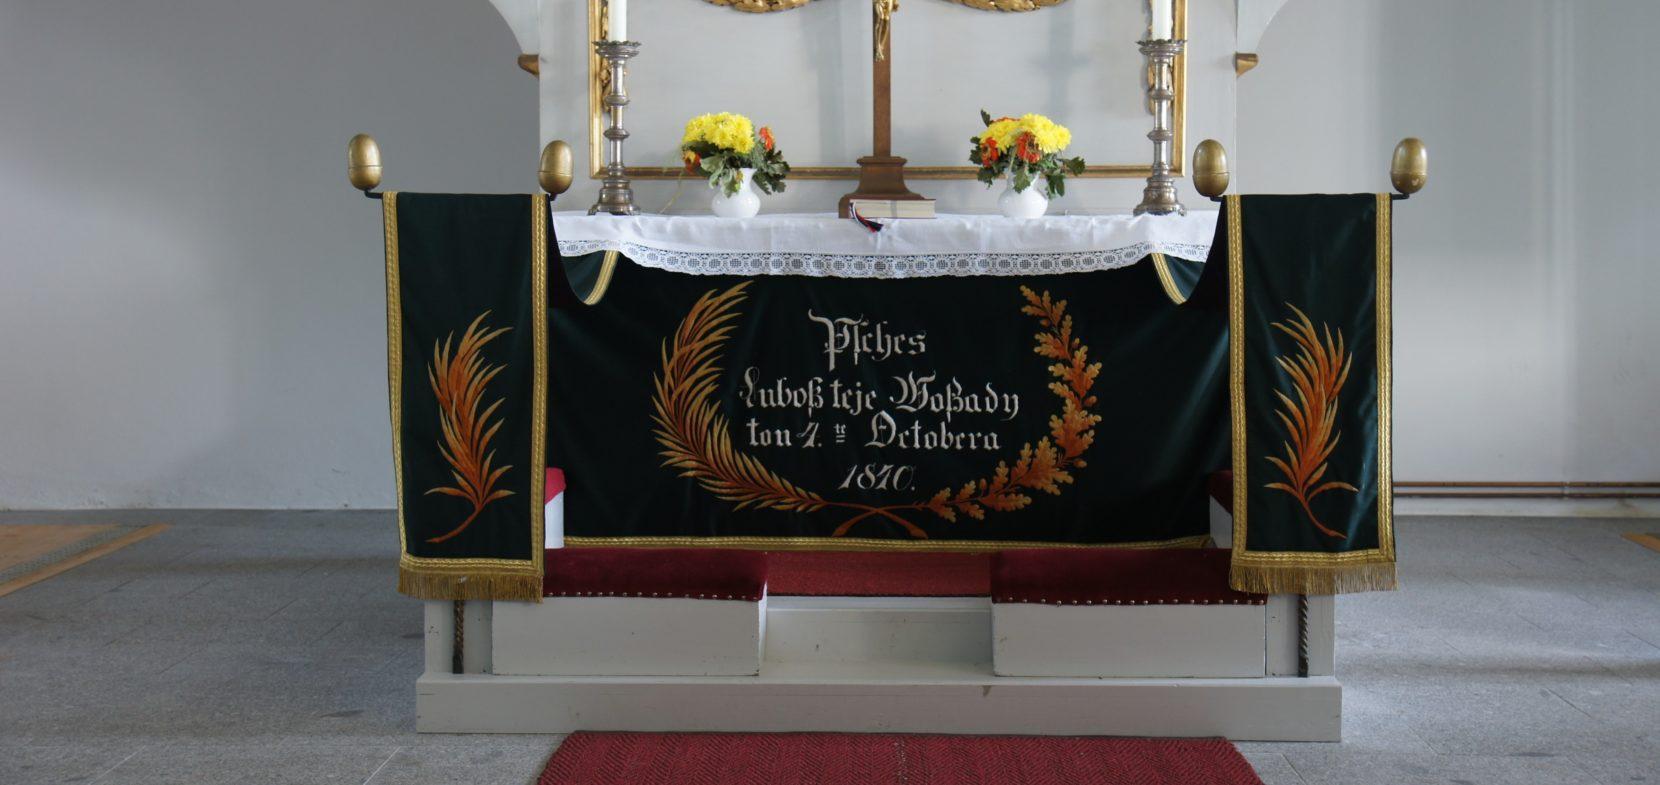 Ev.-Luth. Kirchgemeinde Purschwitz-Kleinbautzen im Kirchspiel Gröditz